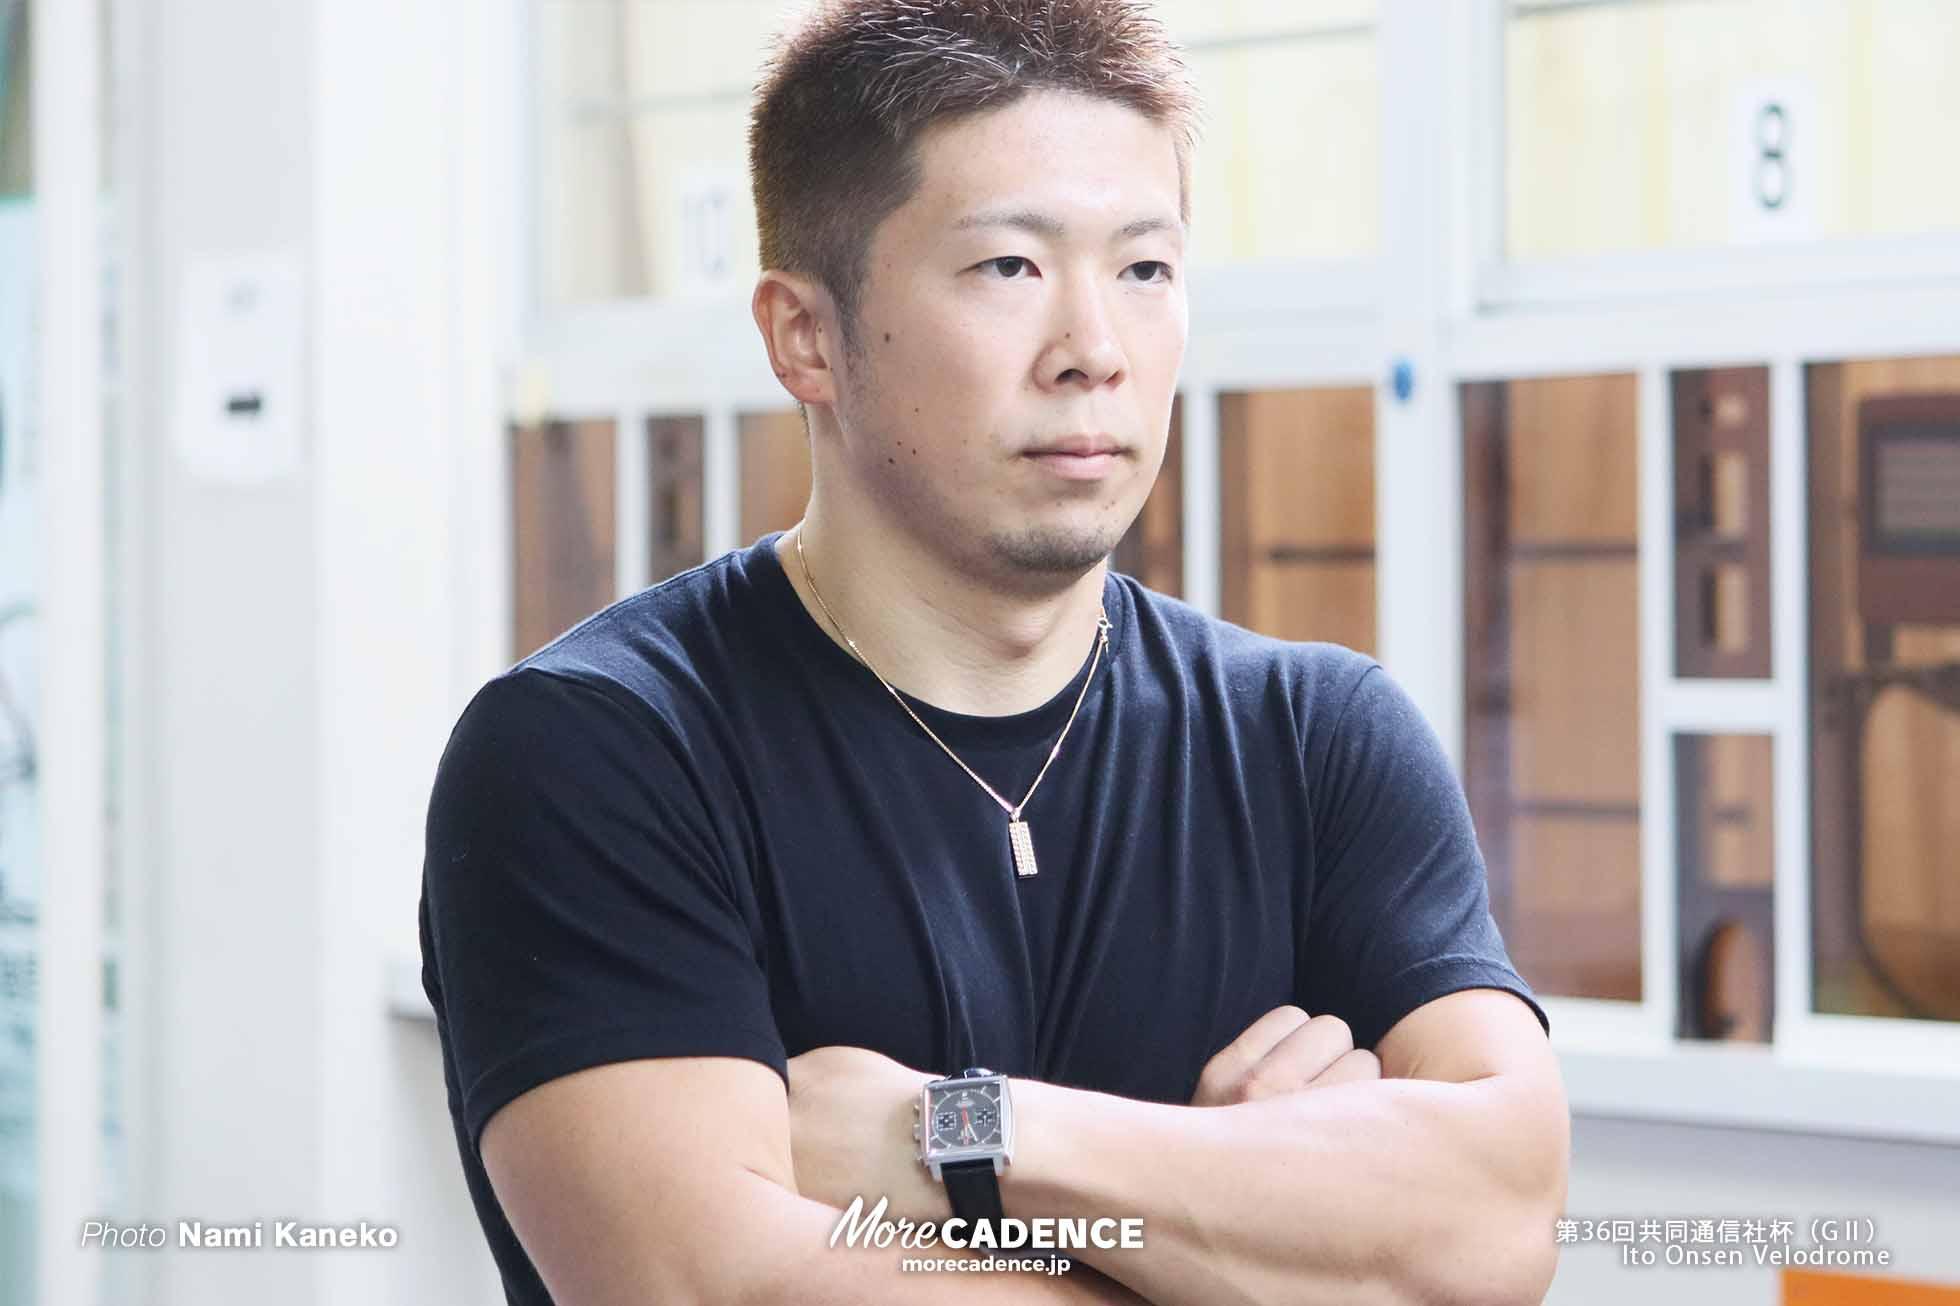 深谷知広, 第36回共同通信社杯, 伊東温泉競輪場